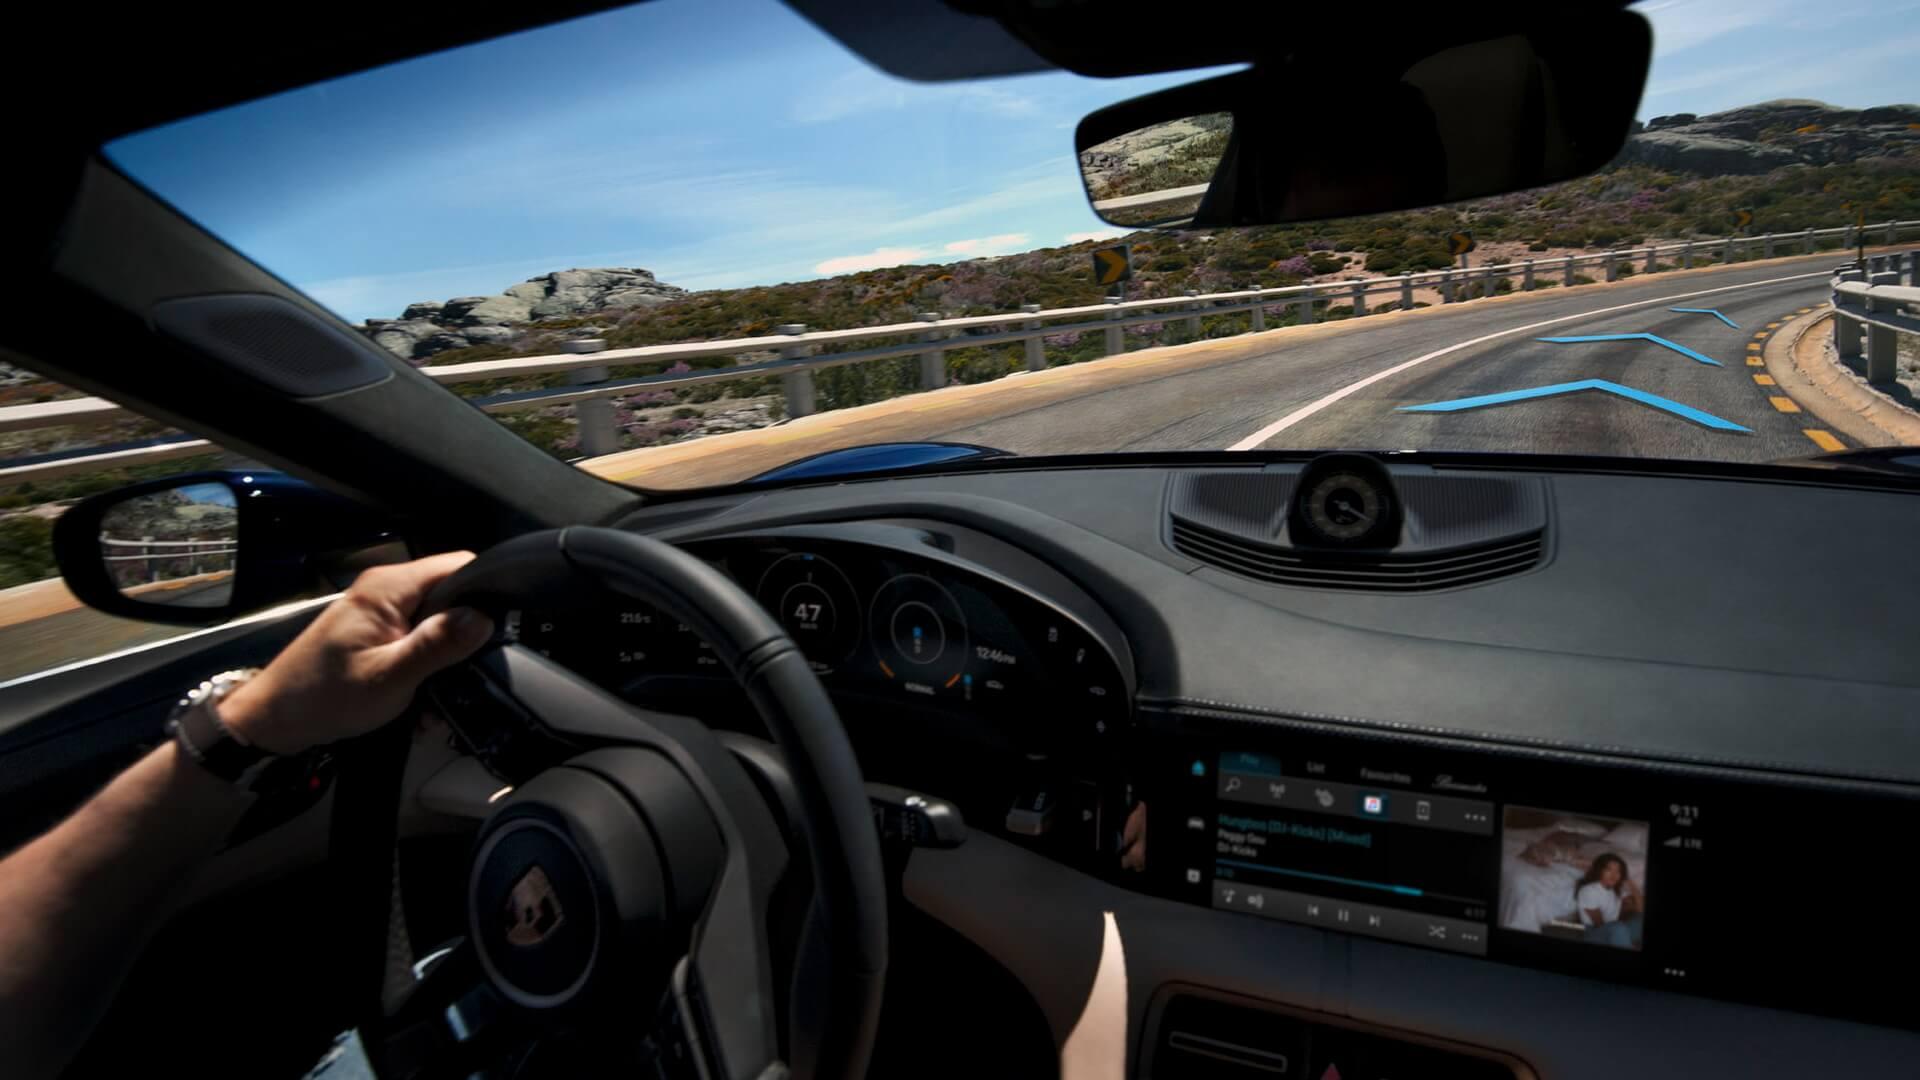 Система активного ведения по полосе благодаря постоянному подруливанию удерживает автомобиль посередине своей полосы